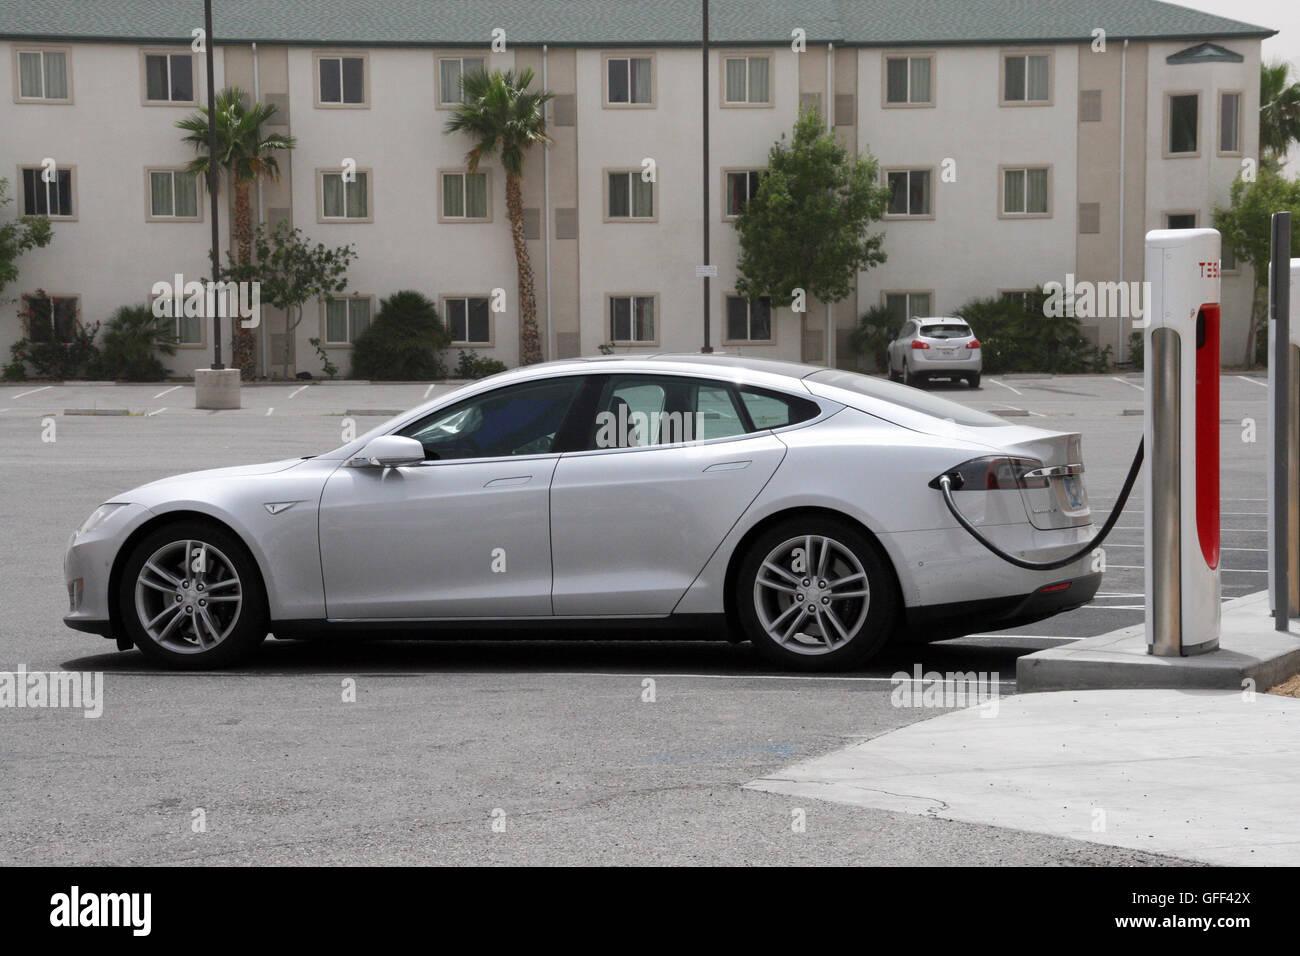 Tesla Car Stock Photos Tesla Car Stock Images Alamy # Tefla Muebles Sl